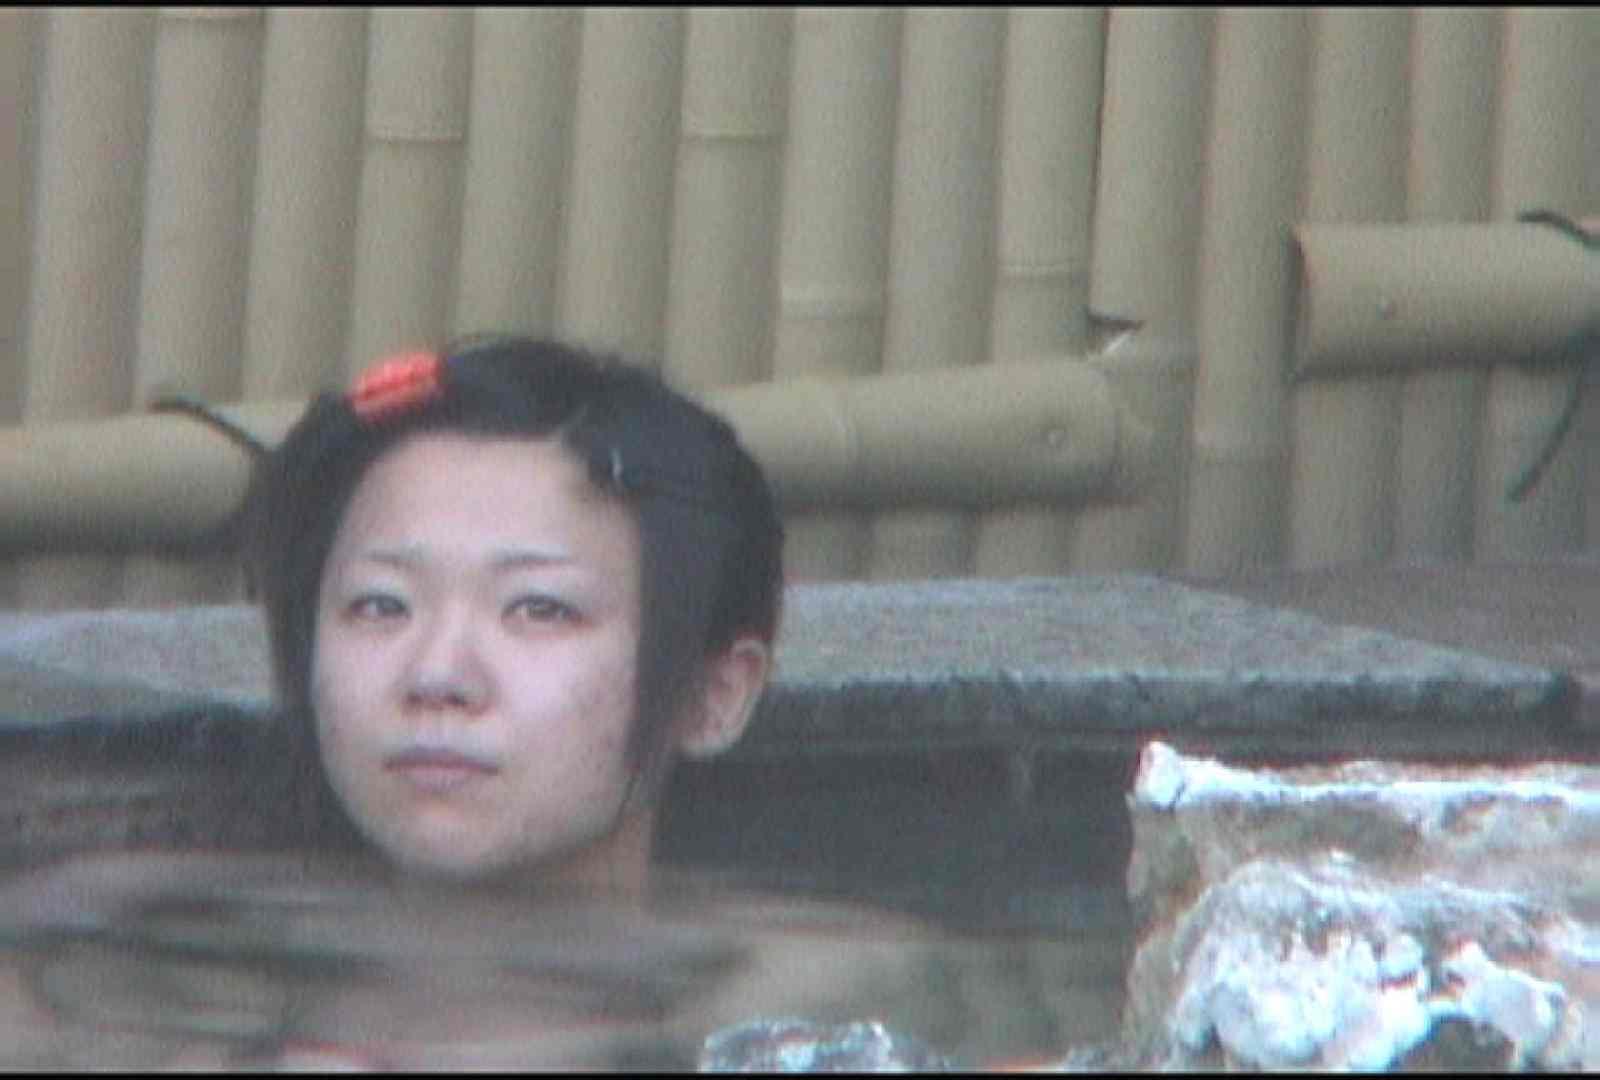 Aquaな露天風呂Vol.175 0   0  51pic 23